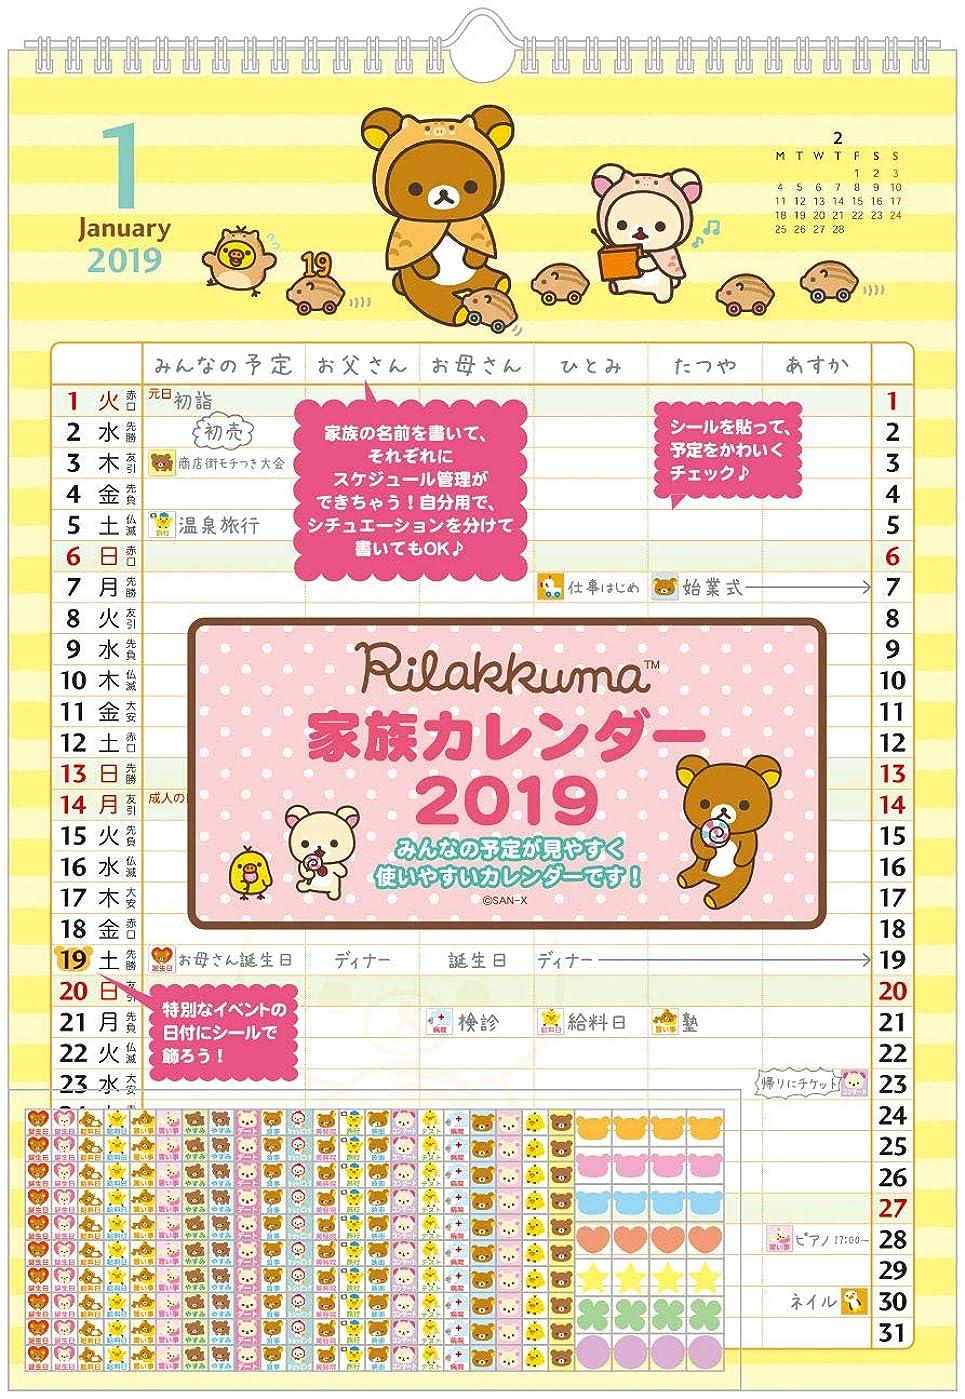 罪悪感ゴミ箱を空にするチェリーサンエックス リラックマ 2019年 カレンダー 家族カレンダー 壁掛け CD32301 (2019年 1月始まり)